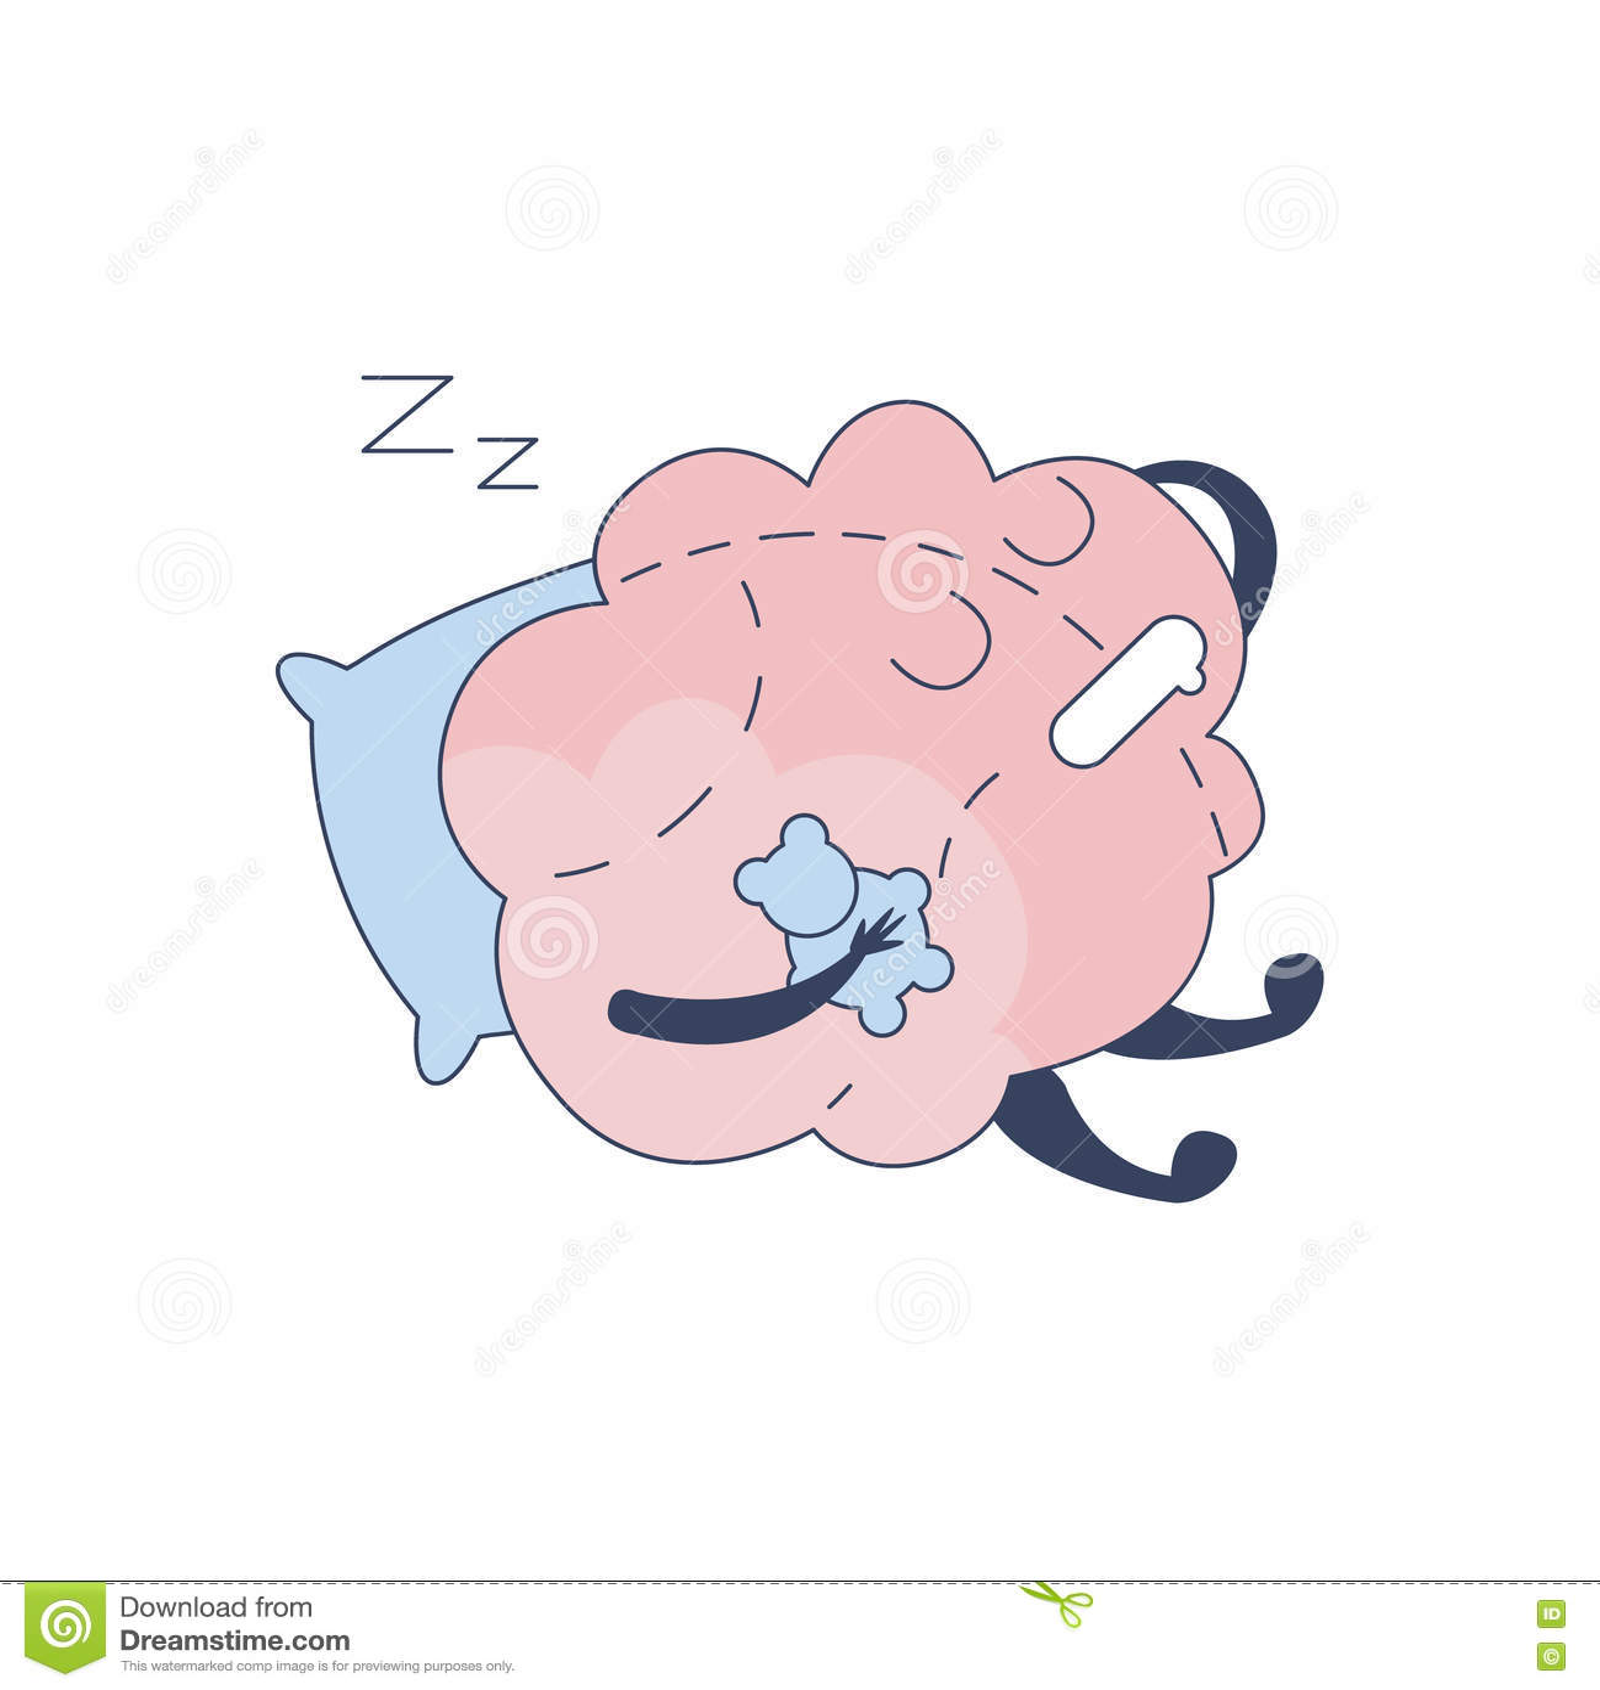 Brain Sleeping With Teddy Bear komiskt tecken som föreställer intellekt- och intellektuellaktiviteter av tecknade filmen för mäns